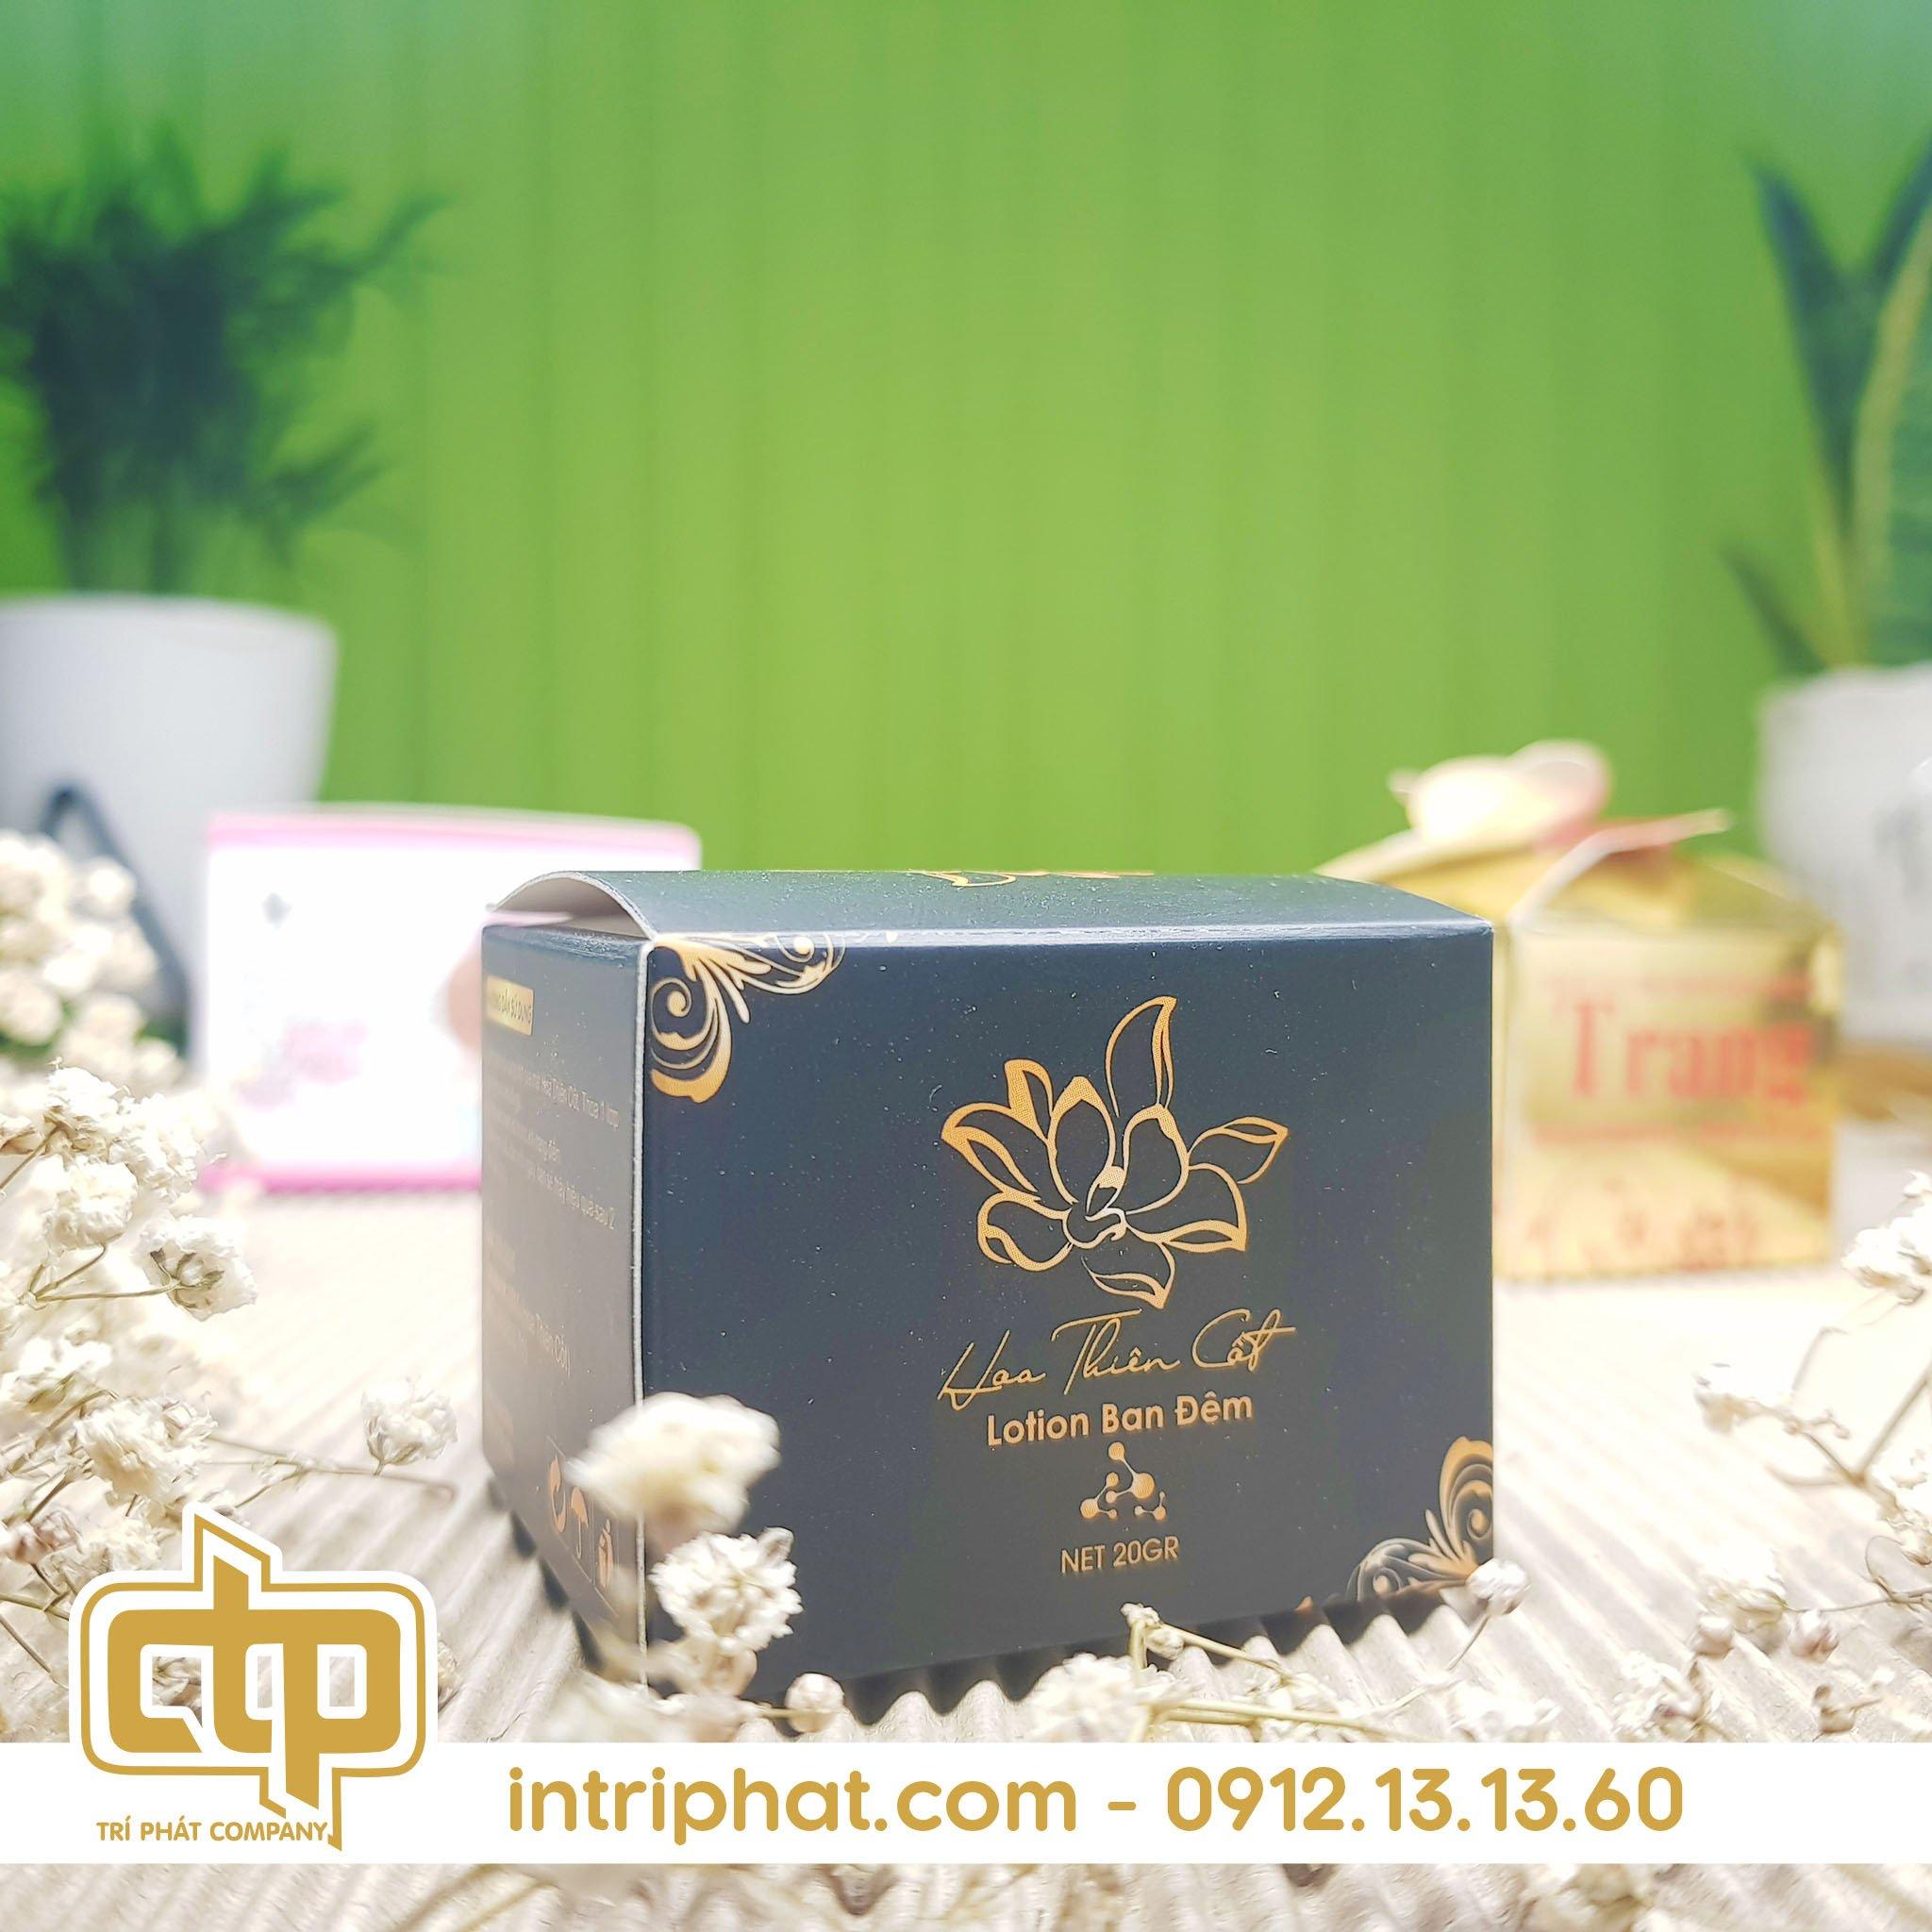 Mẫu hộp giấy đẹp đựng mỹ phẩm chất lượng